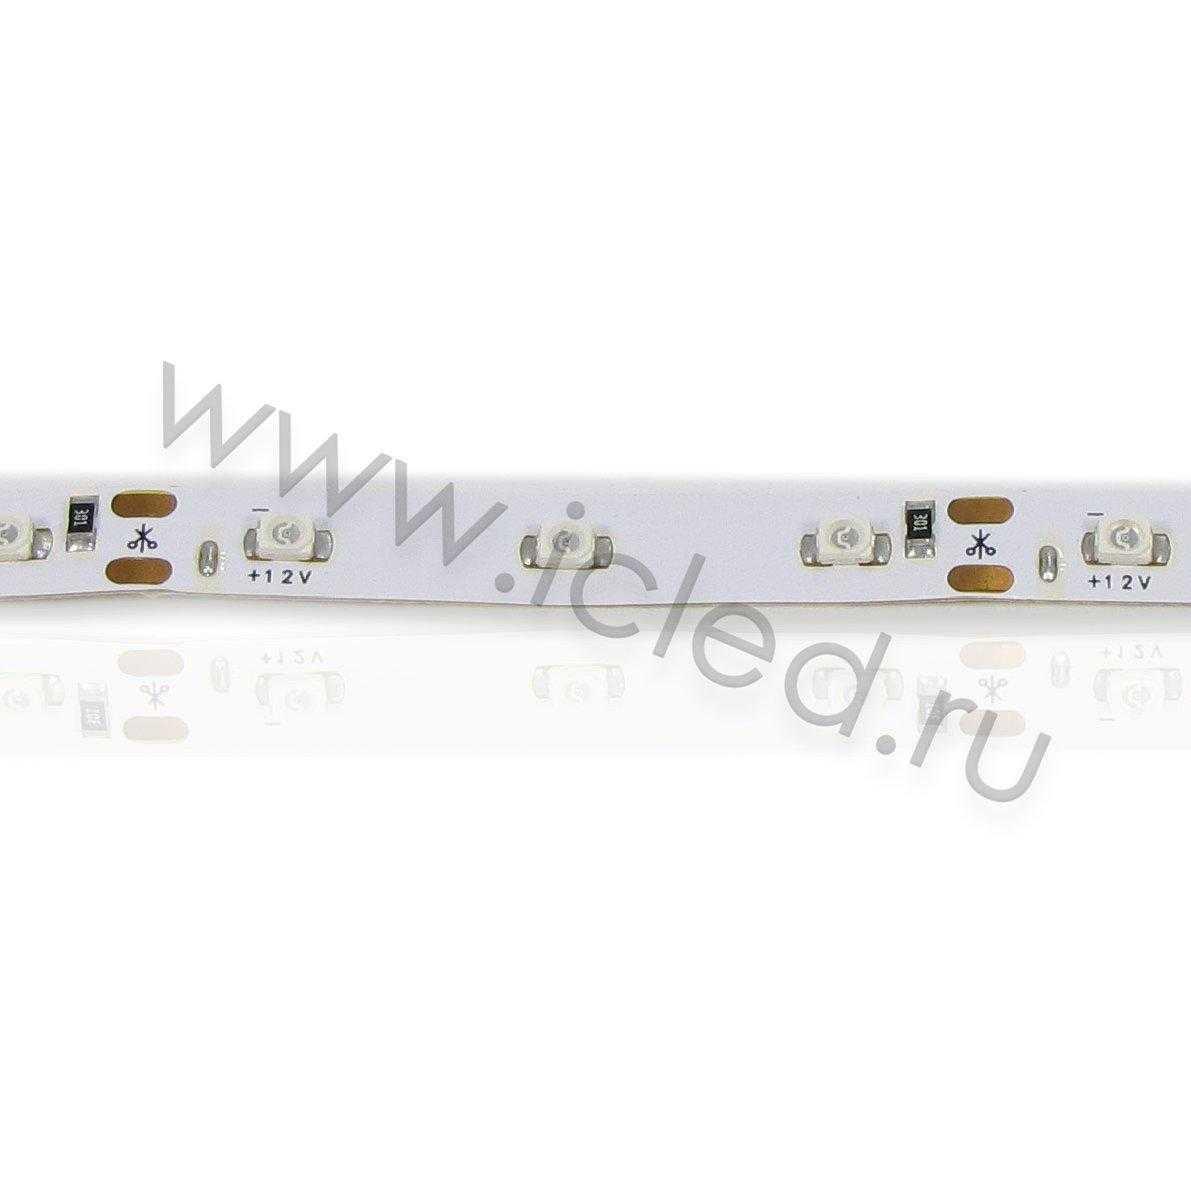 Светодиодная лента Econom class, 3528, 60led/m, Yellow, 12V, IP33